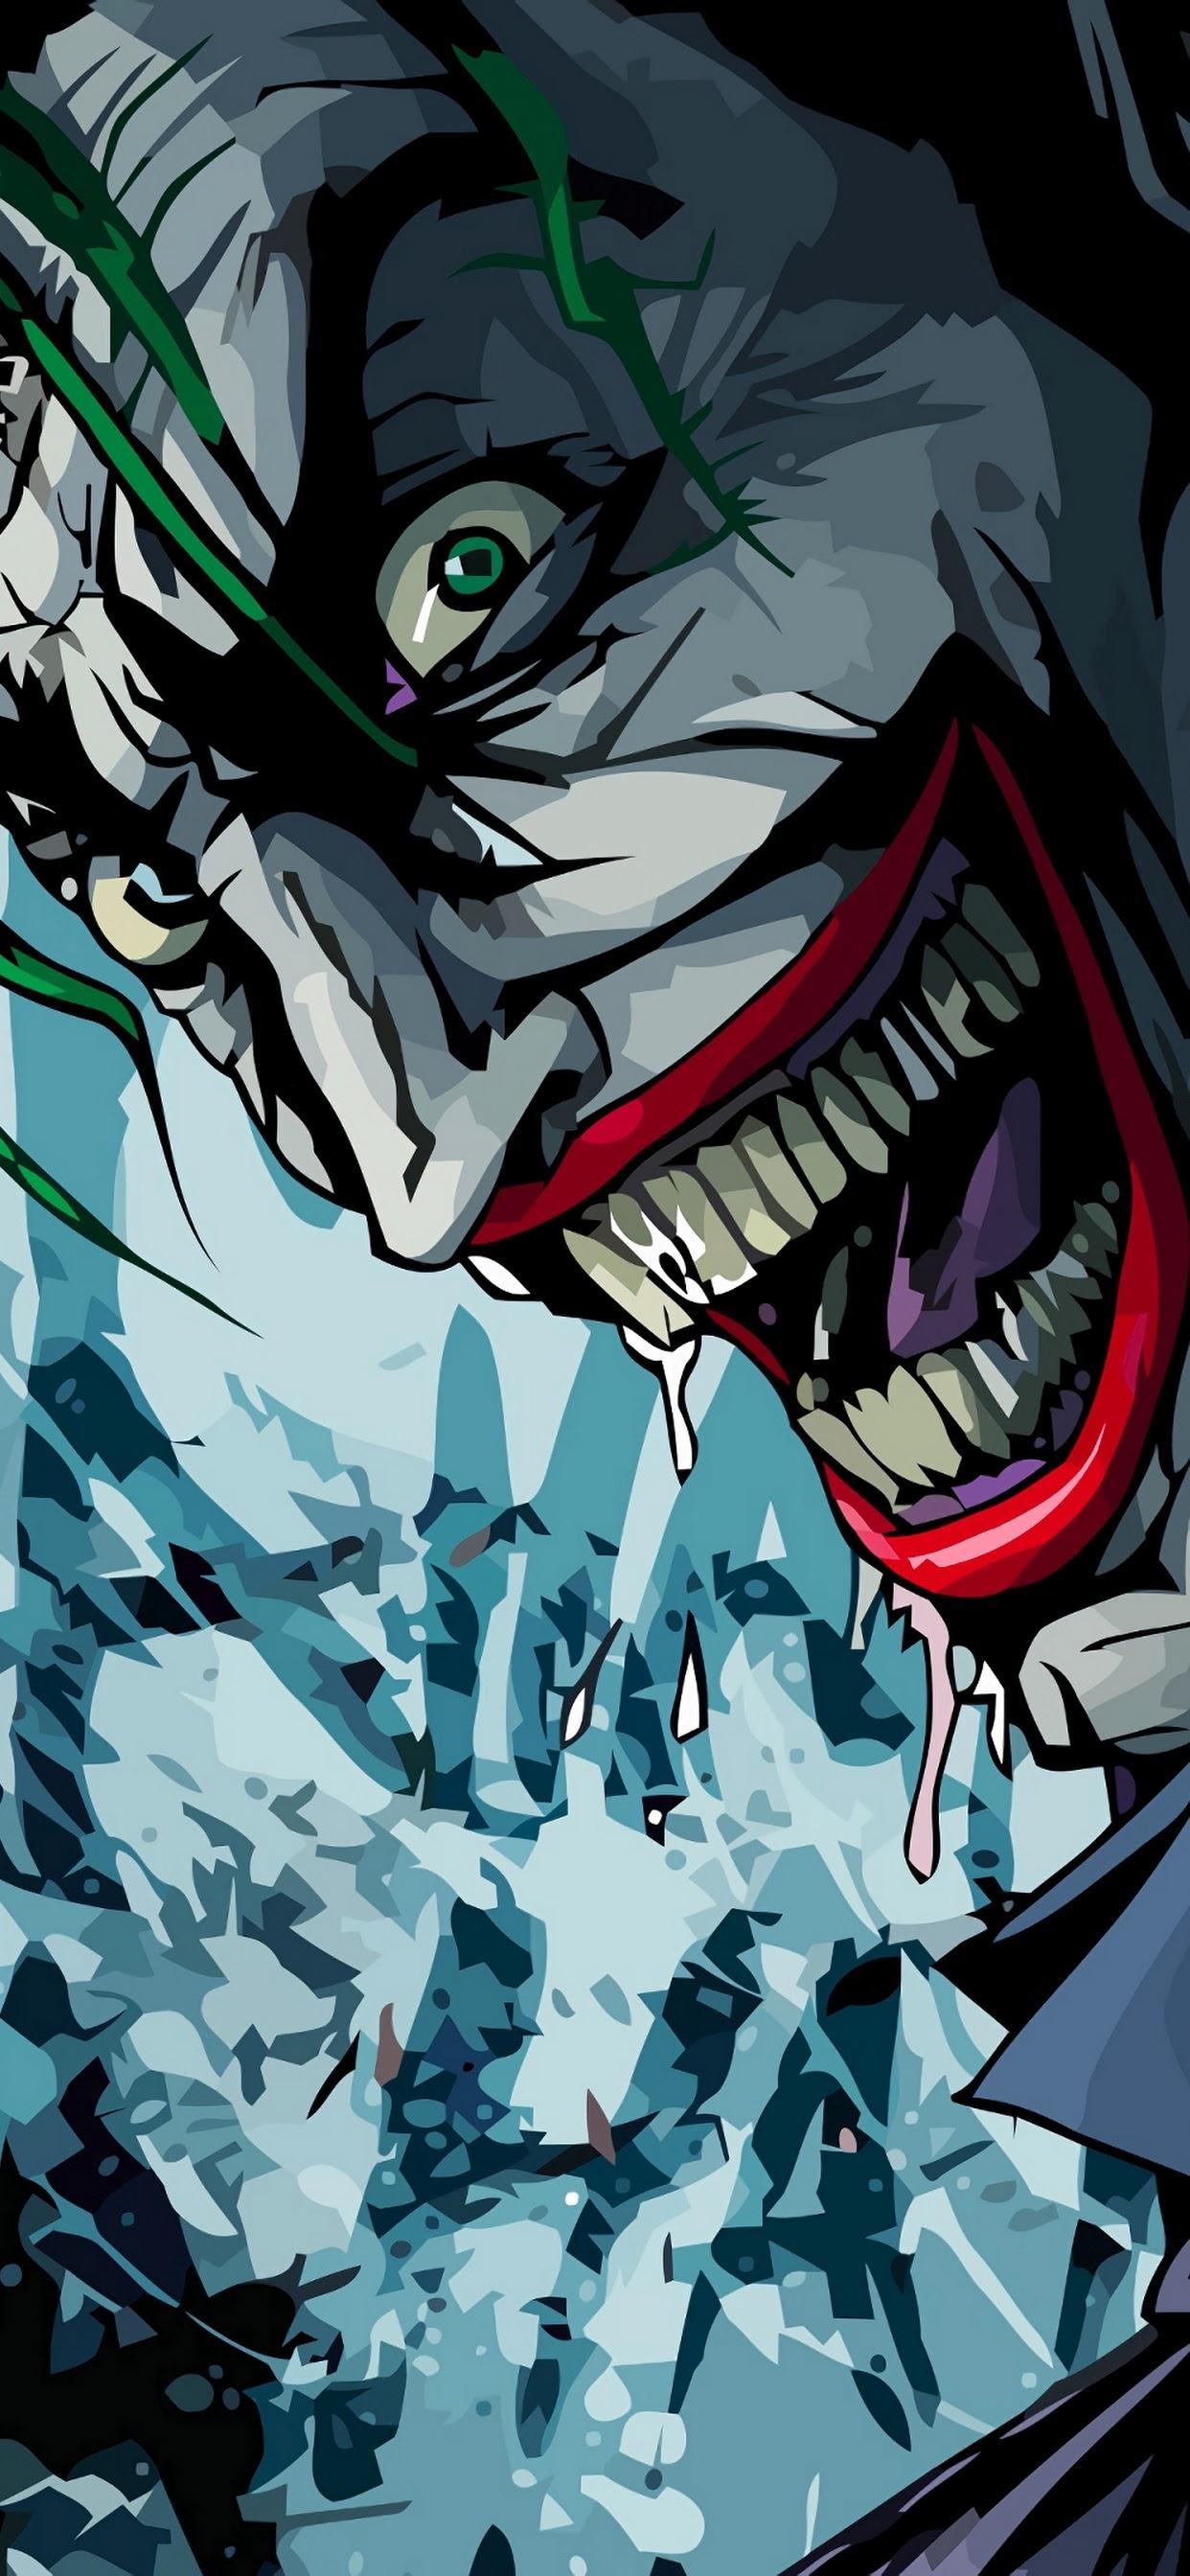 Joker 4k Iphone 11 Wallpapers Wallpaper Cave